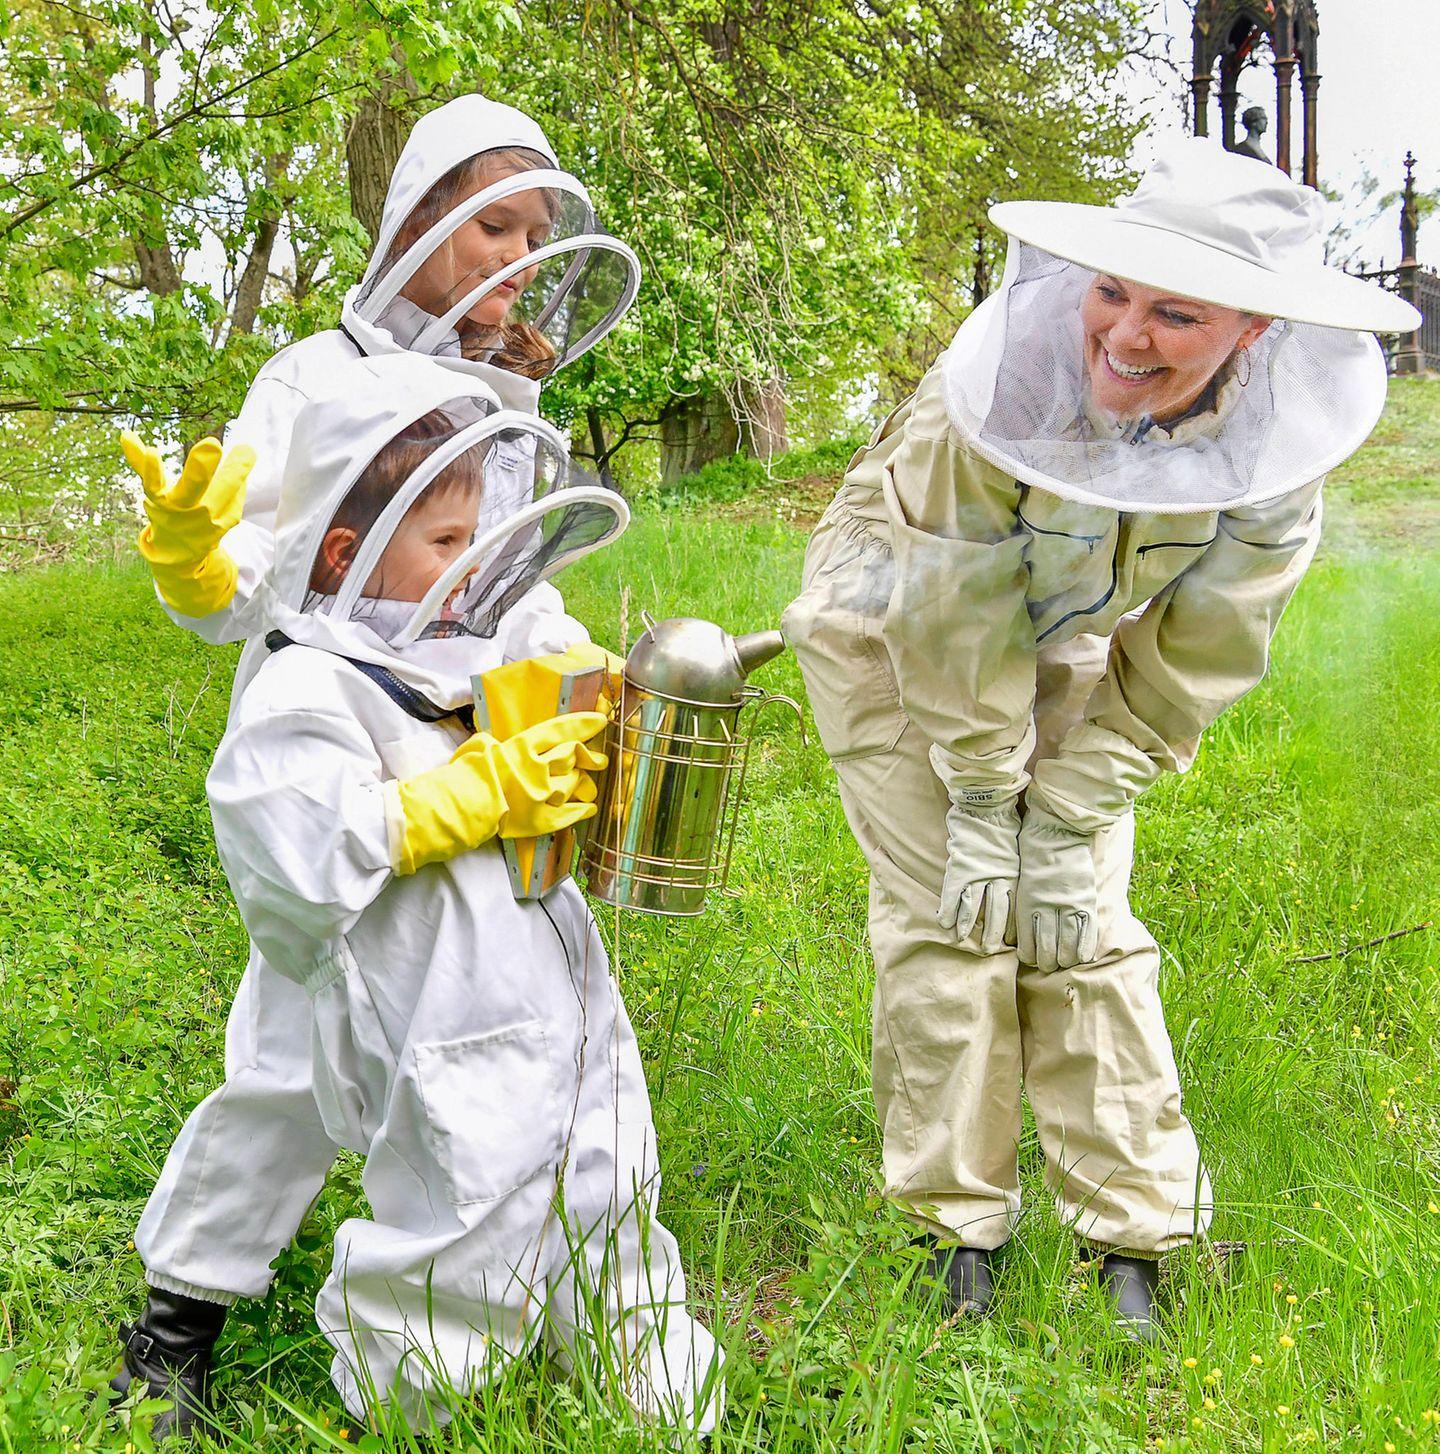 Mit dem Smoker werden die Bienen ruhig gestellt, damit der Imker in Ruhe arbeiten kann. Wie das Gerät funktioniert, probiert prinz Oscar hier mit großem Spaß.